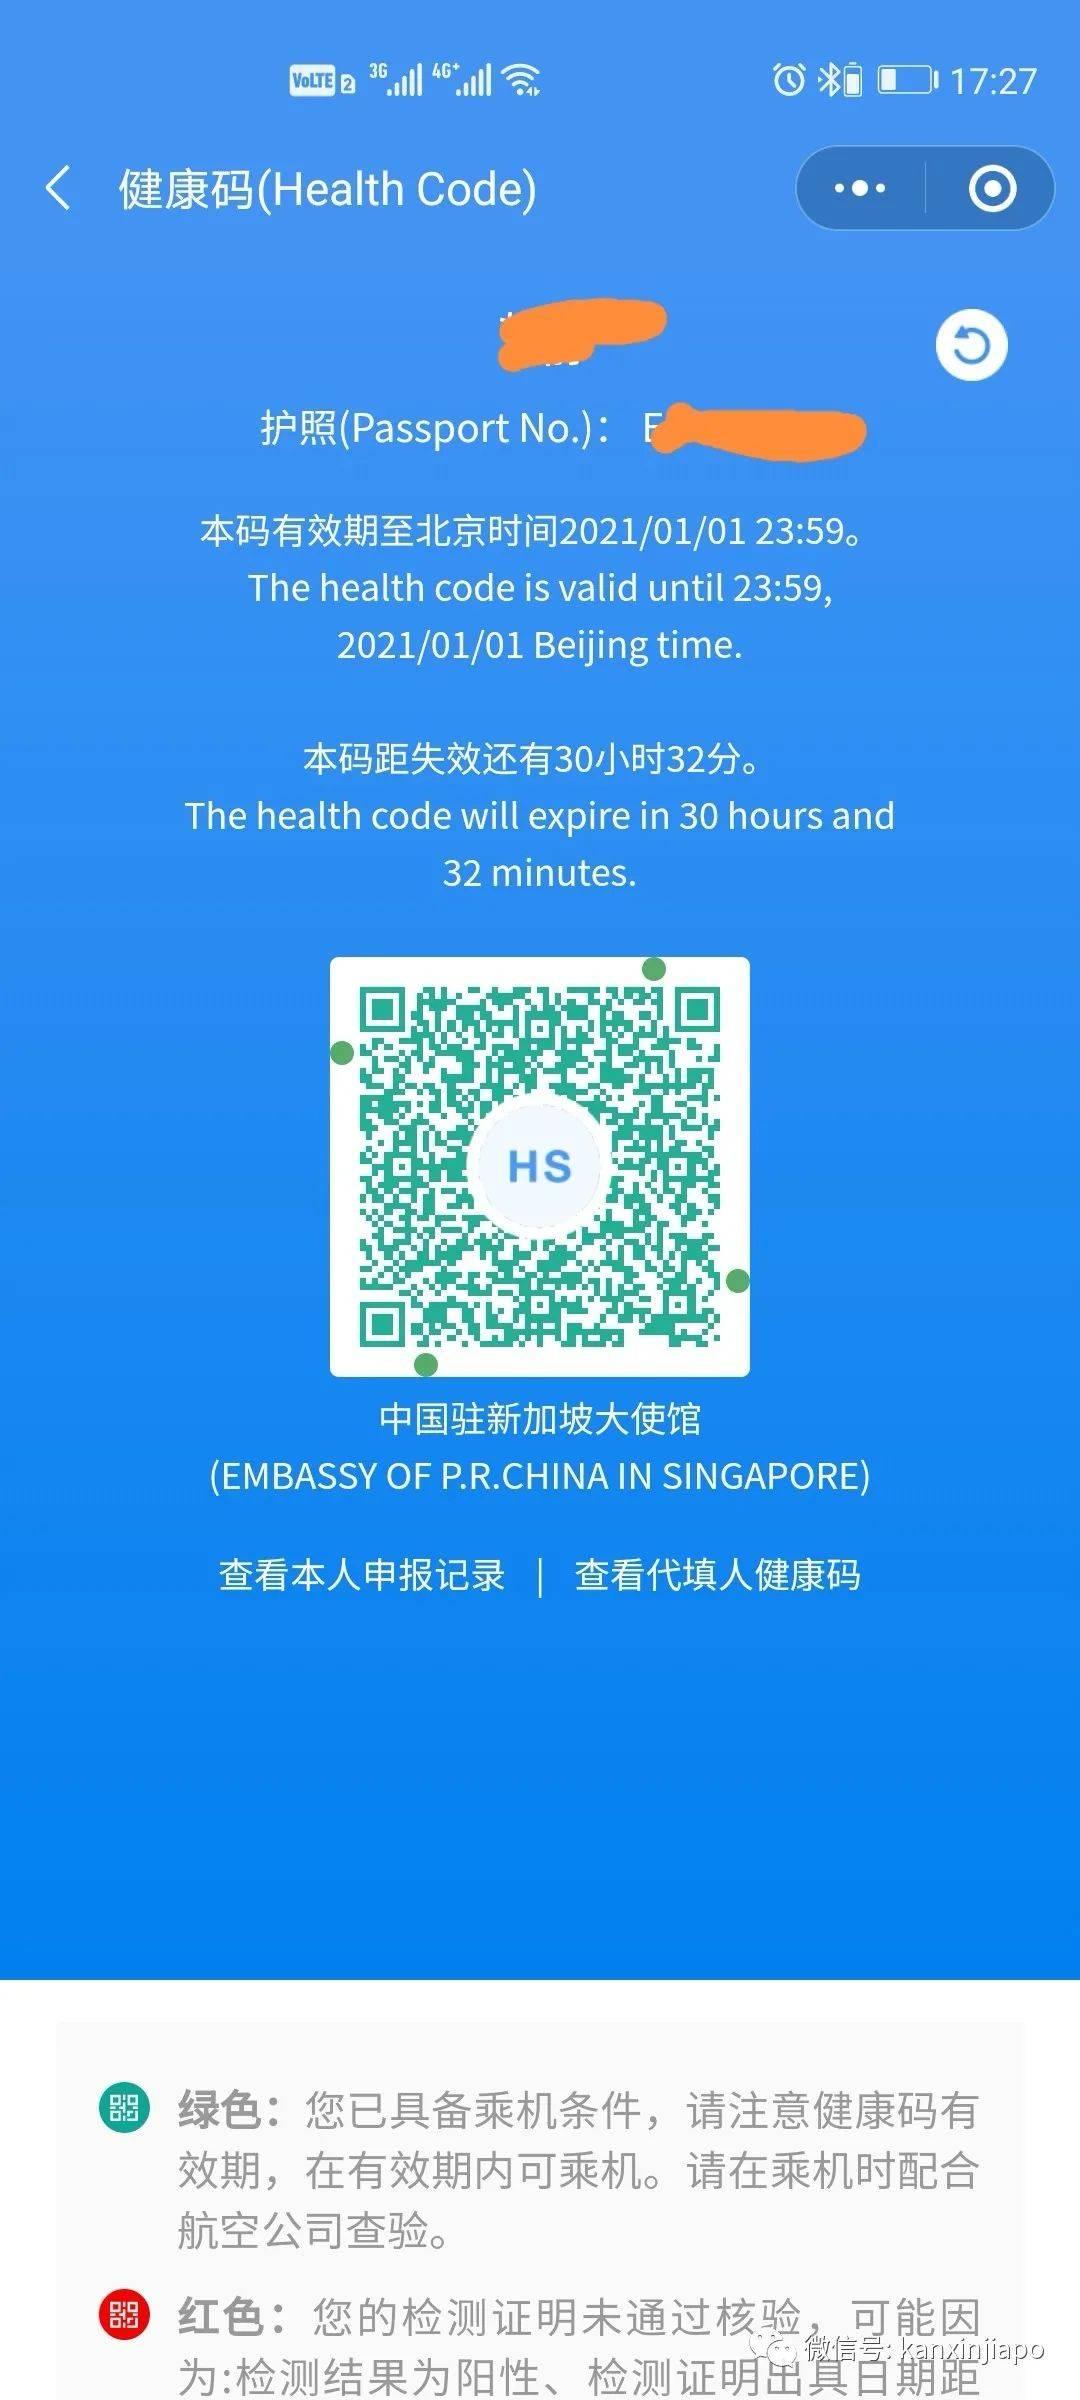 【亲身份享】从新加坡飞西安全攻略 一 行程前准备